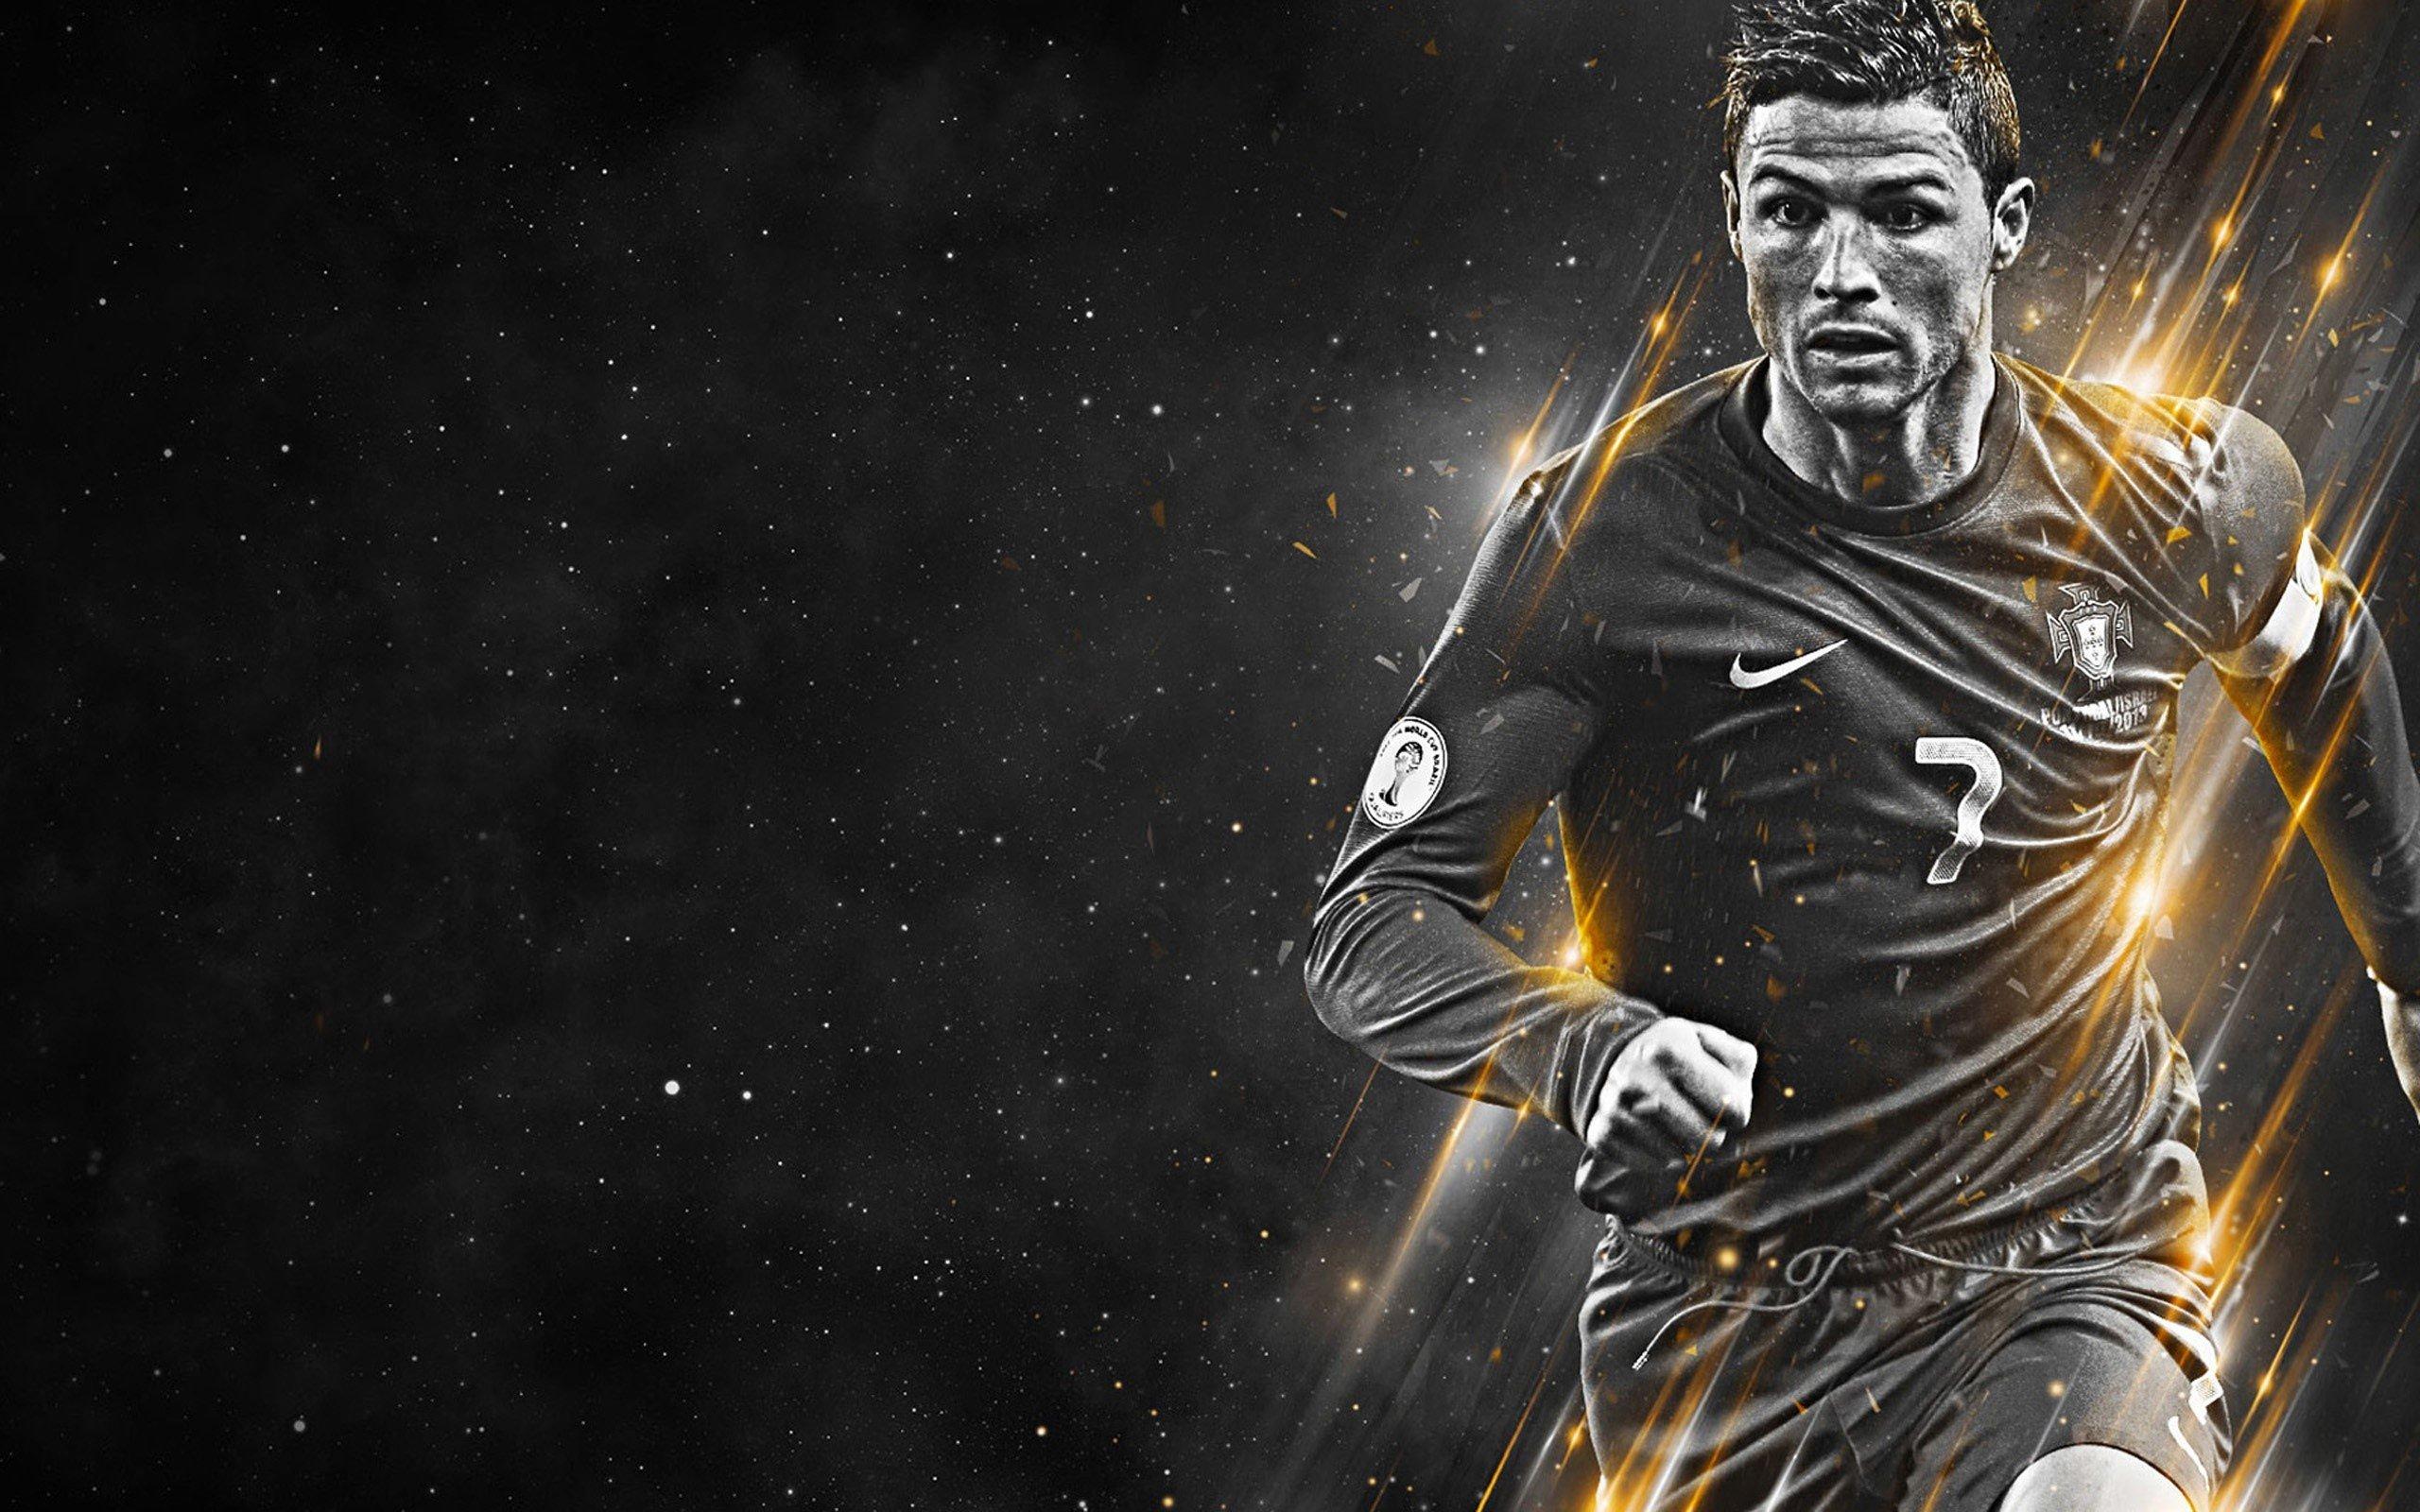 Fondos De Pantalla De Cristiano Ronaldo: Fondo De Pantalla 2560x1600 ID